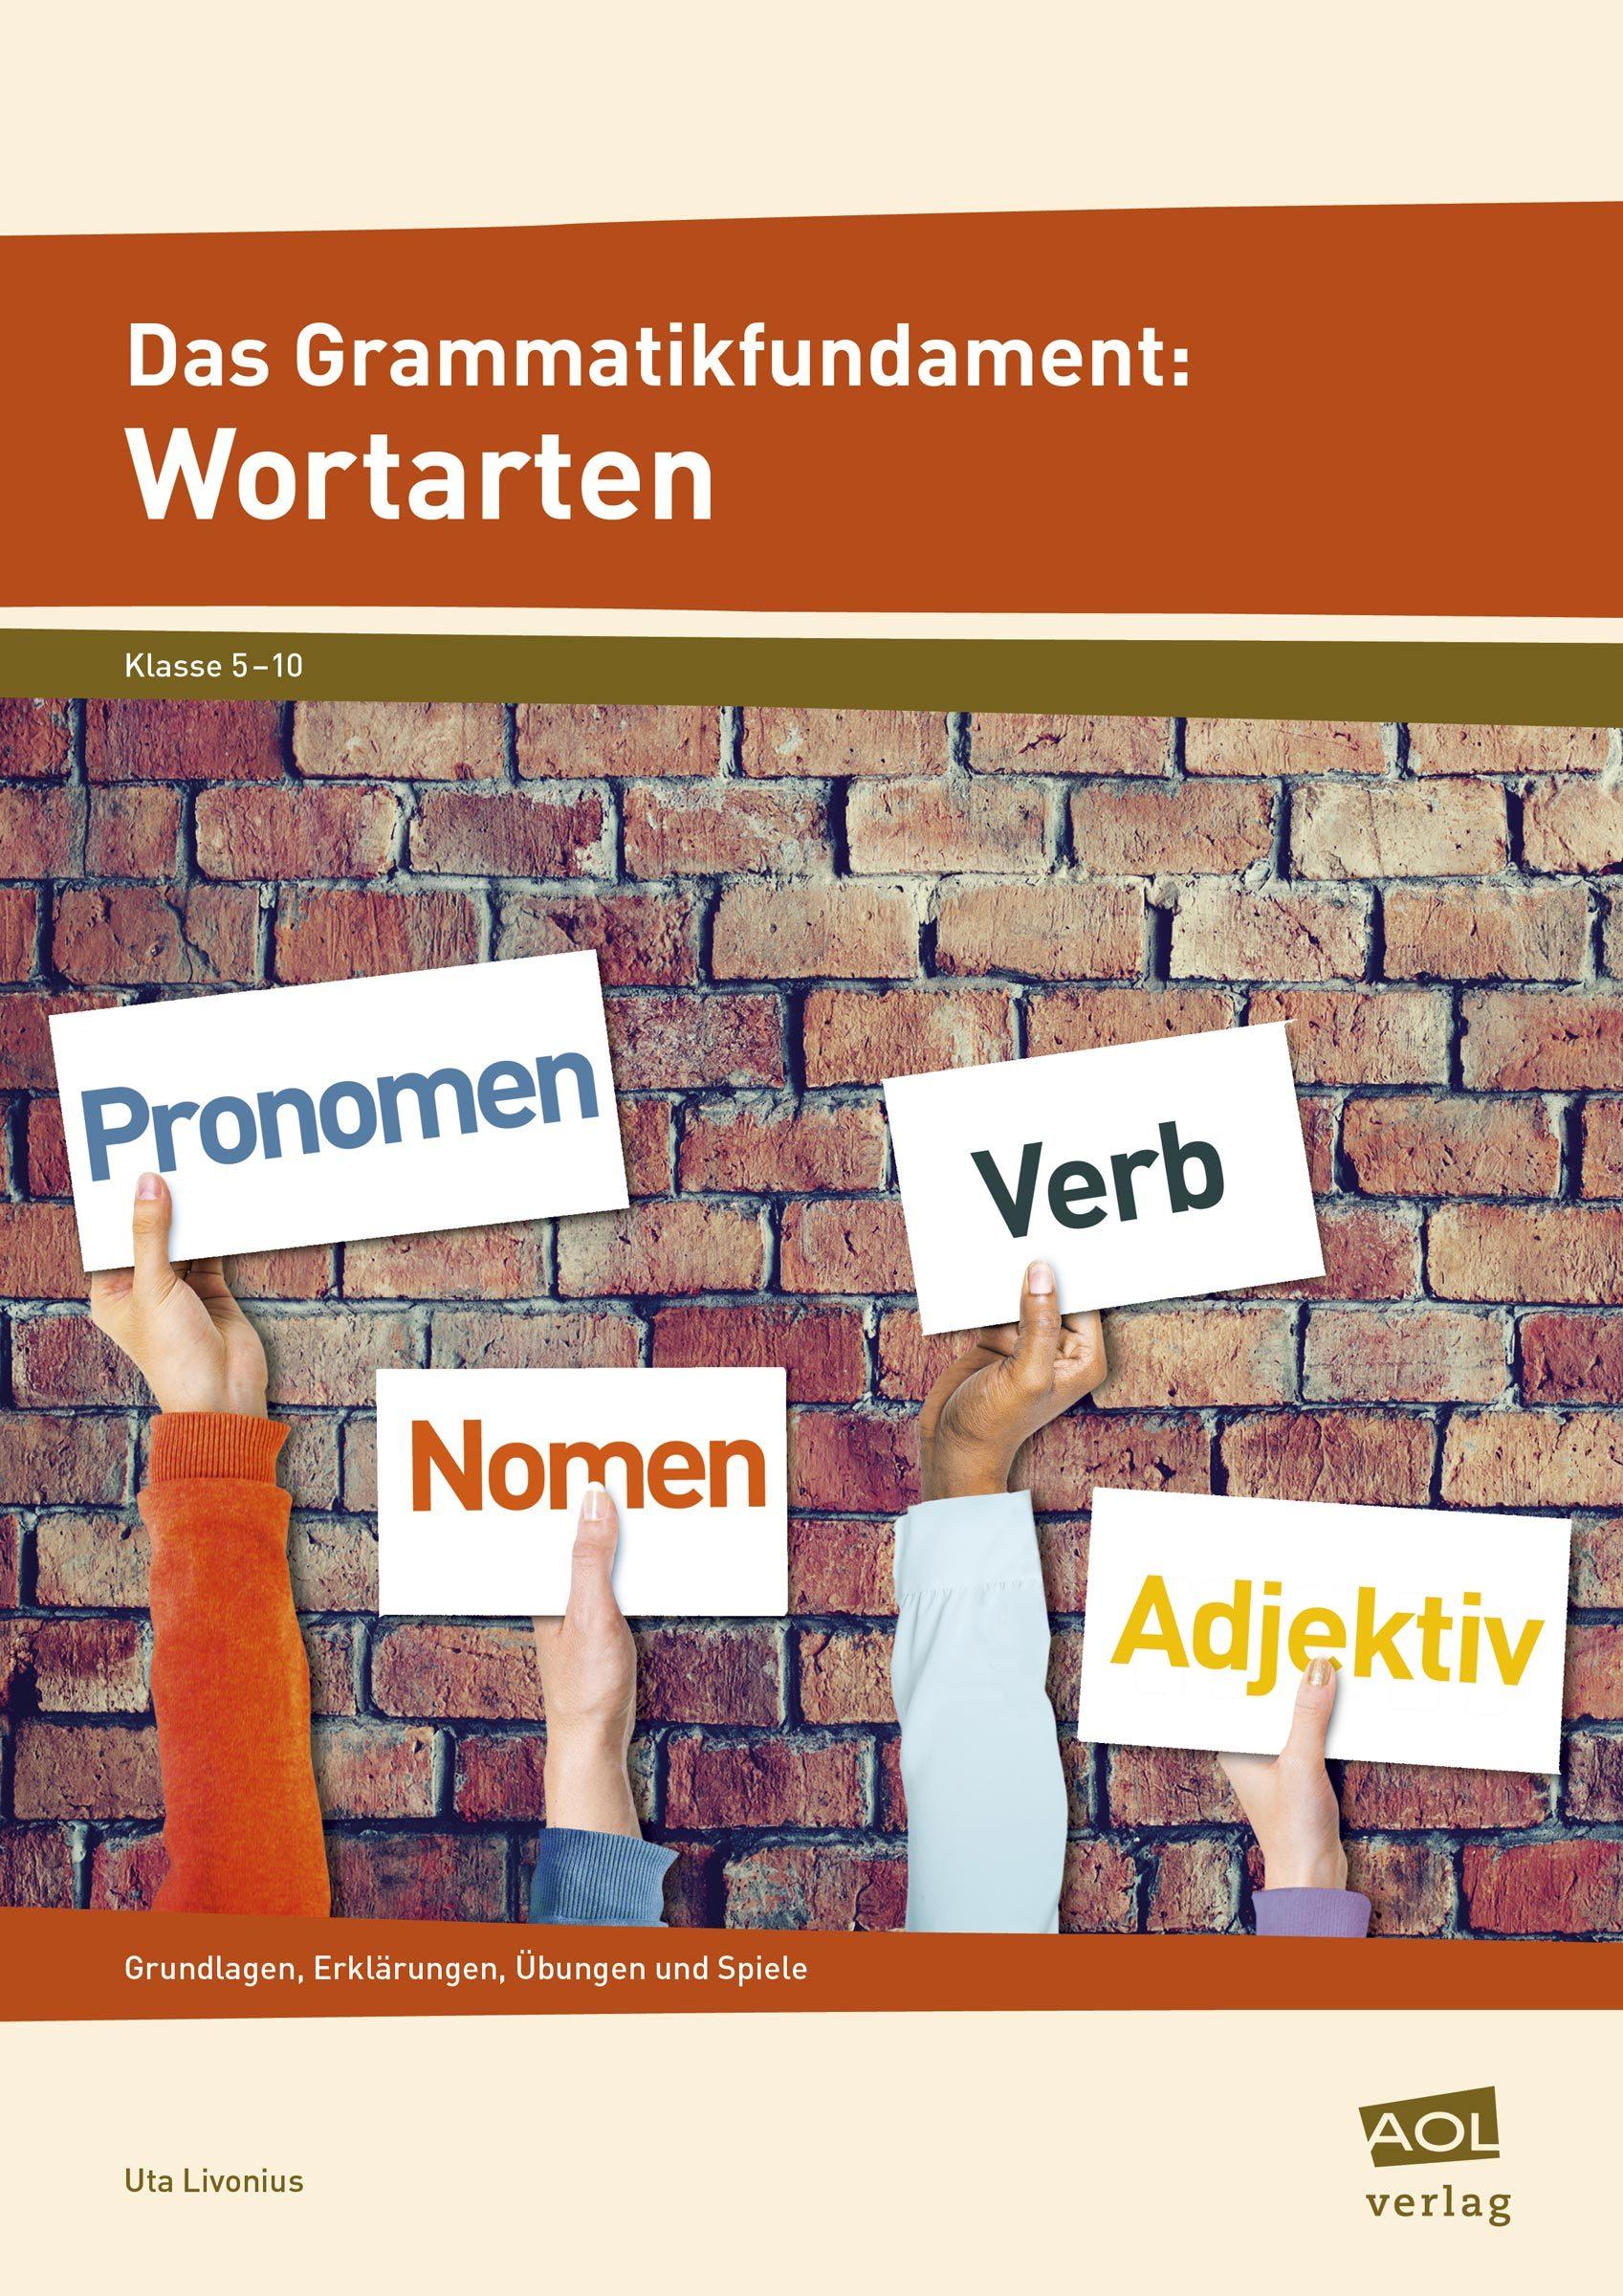 Cover_Das Grammatikfundament: Wortarten